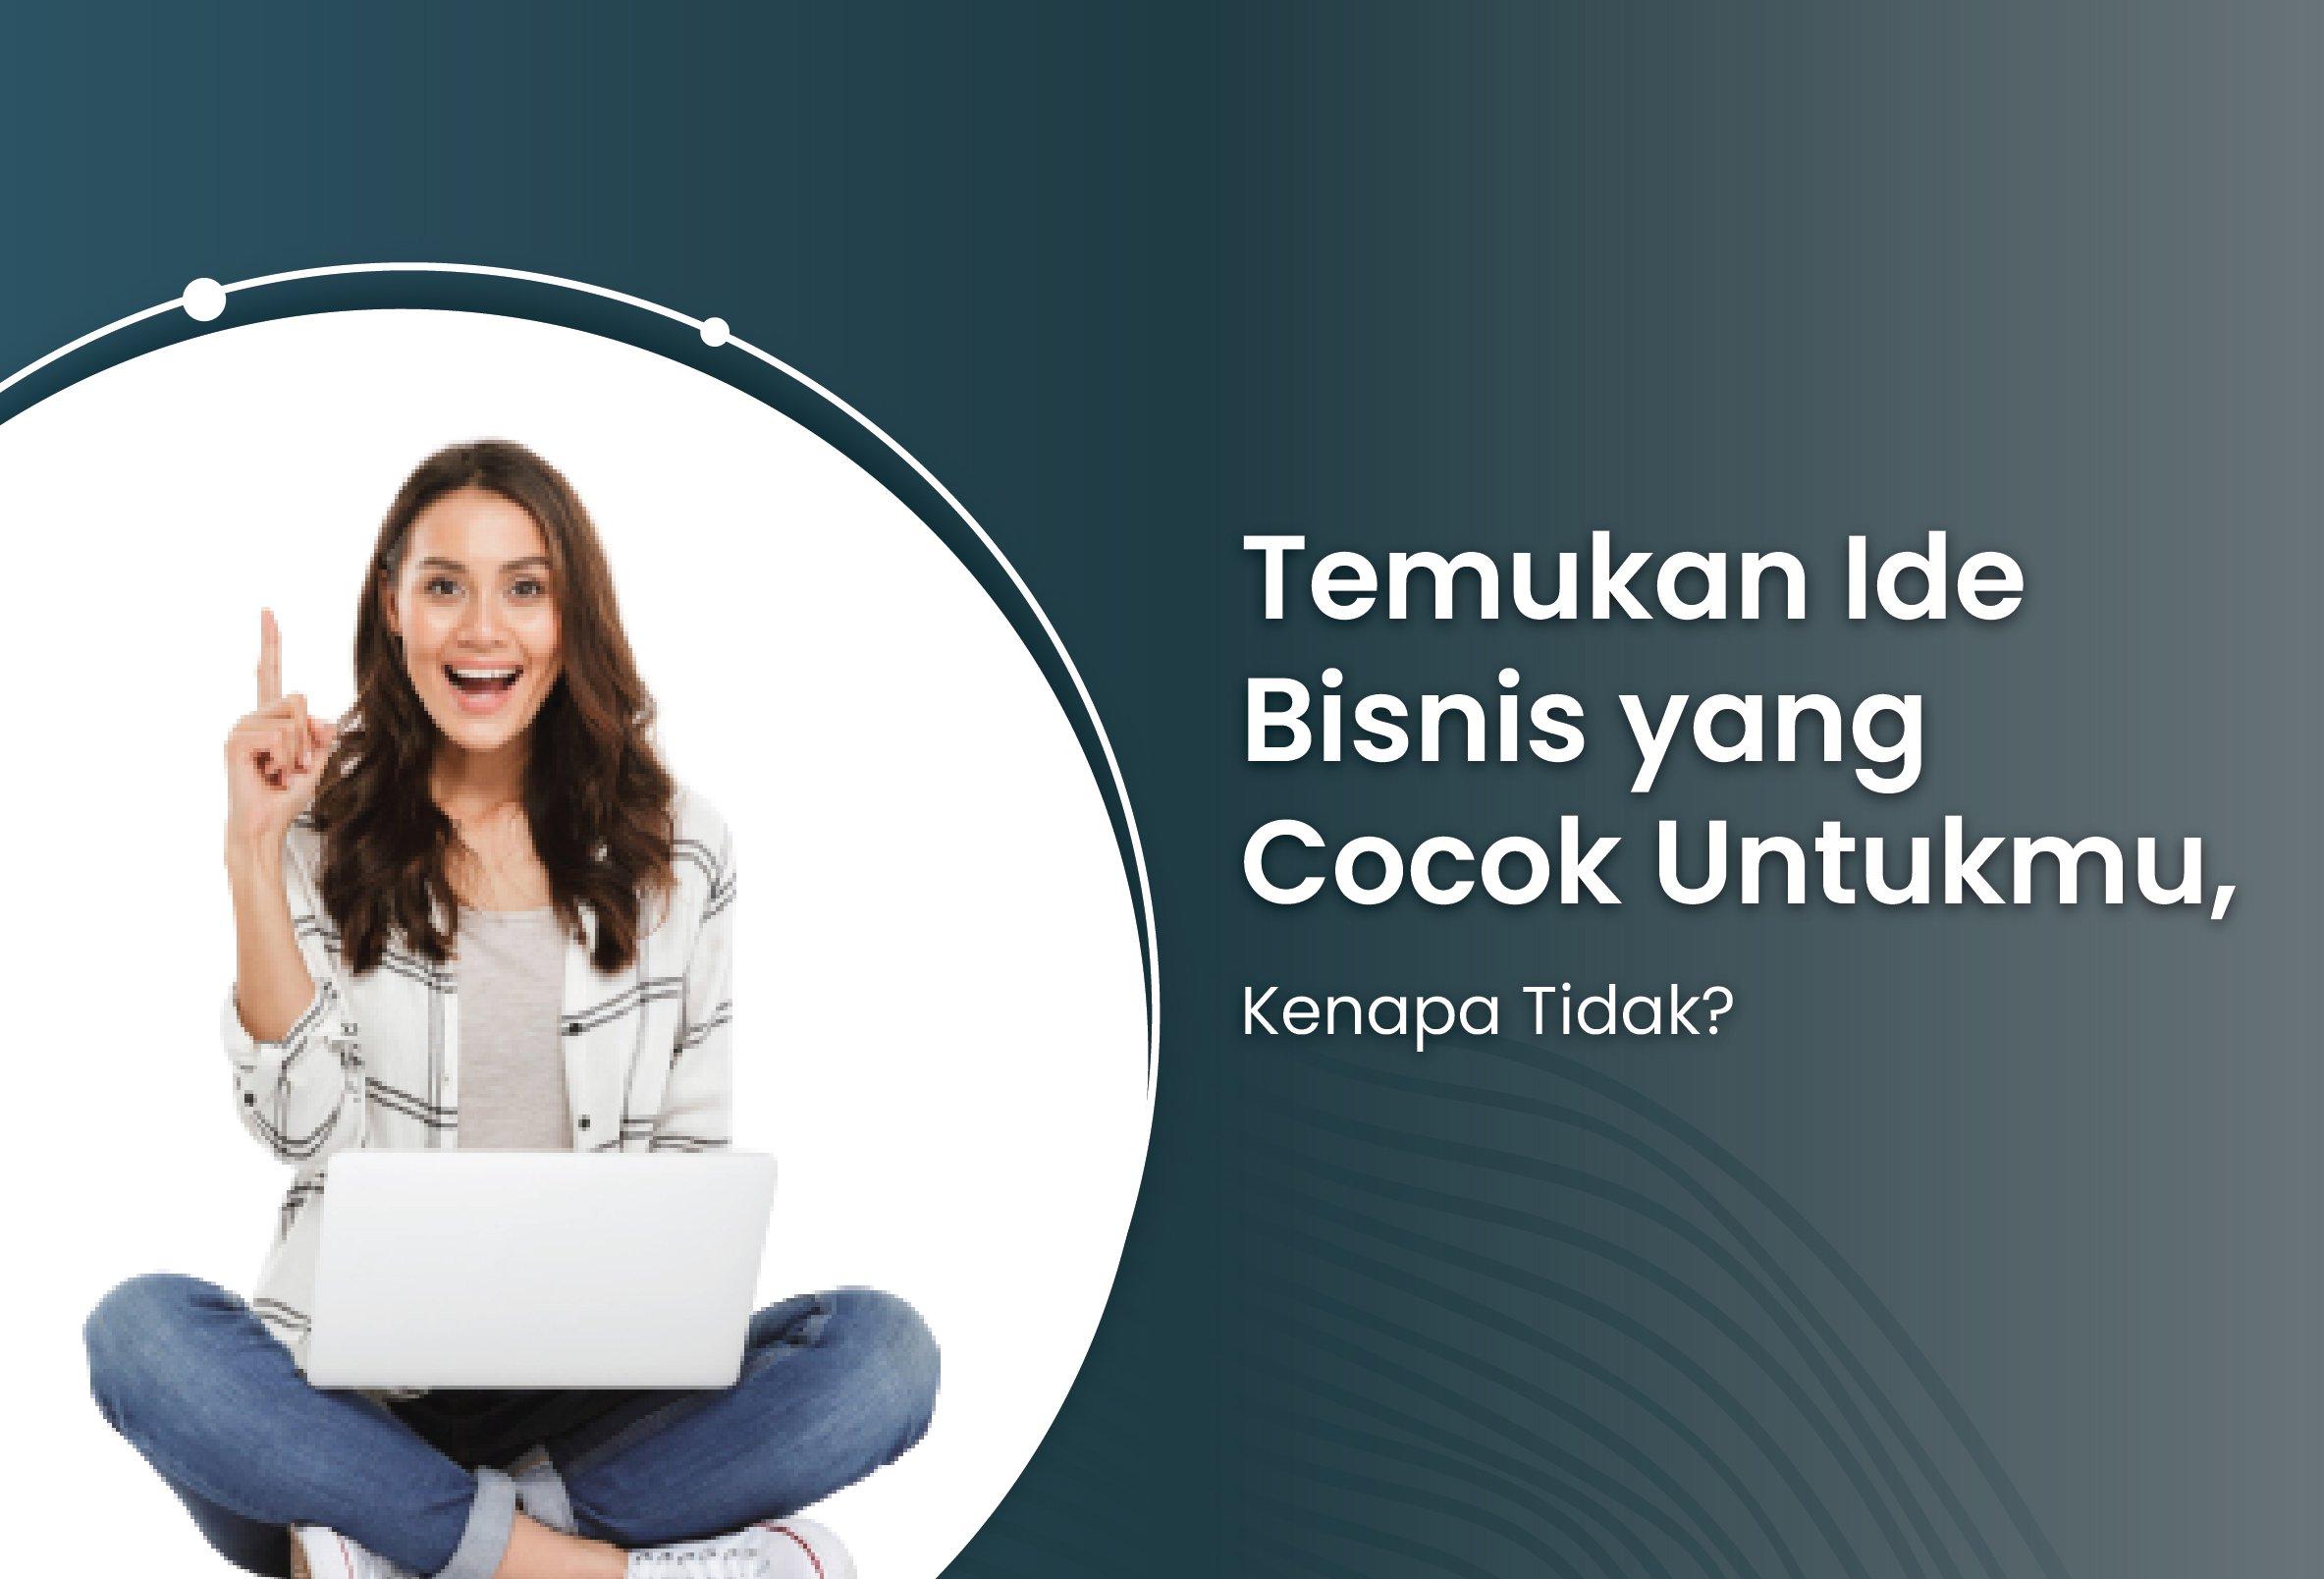 Temukan Ide Bisnis yang Cocok Untukmu-01.jpg